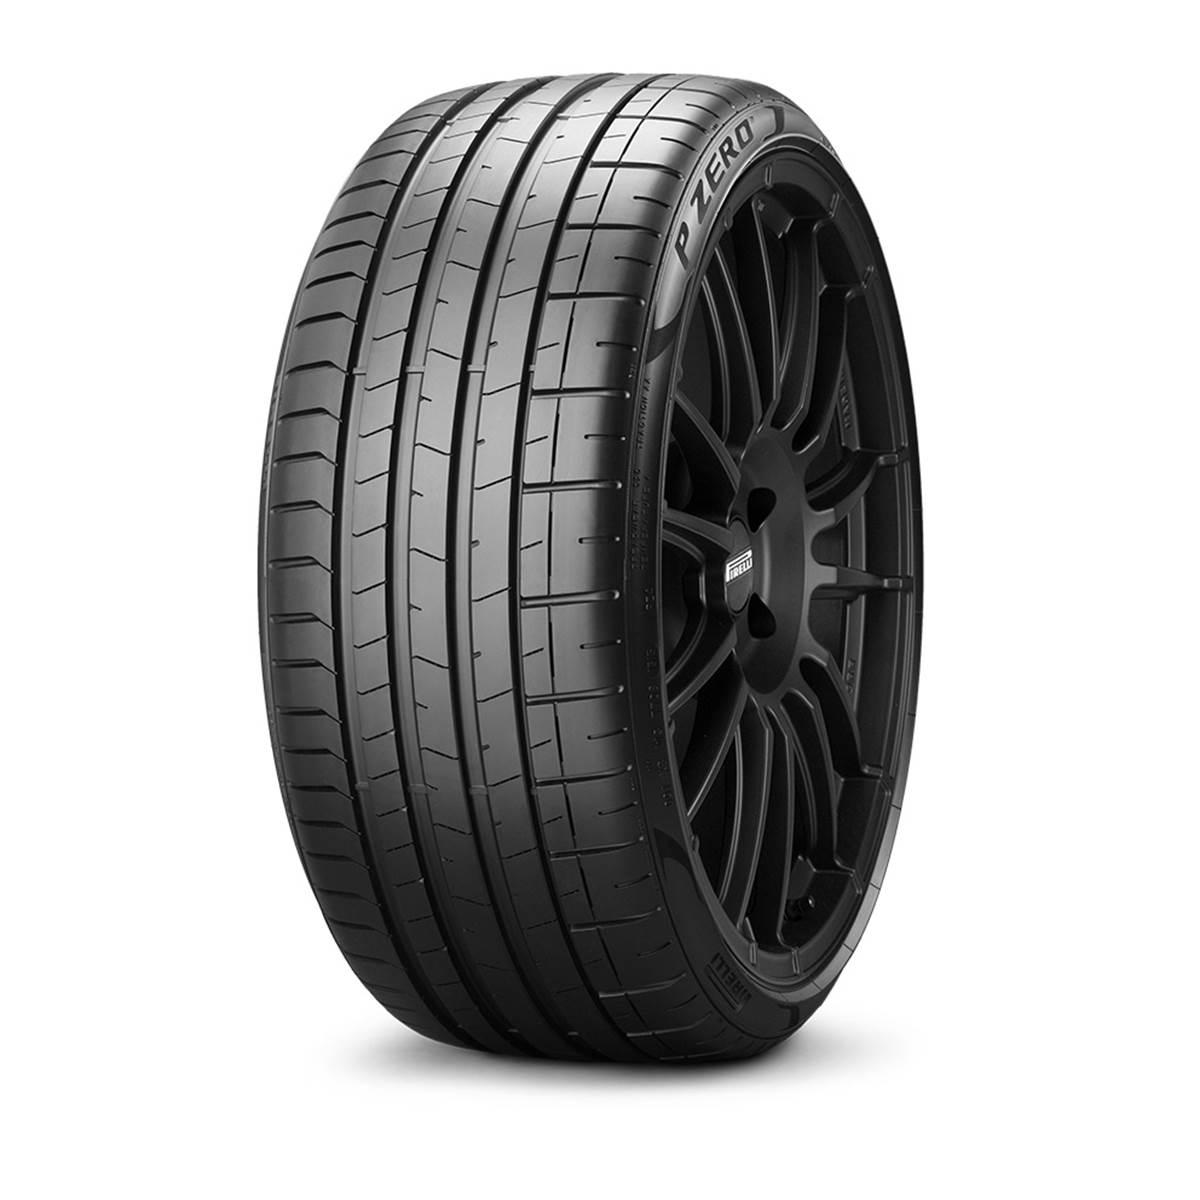 Pneu Pirelli 275/45R18 103Y Pzero